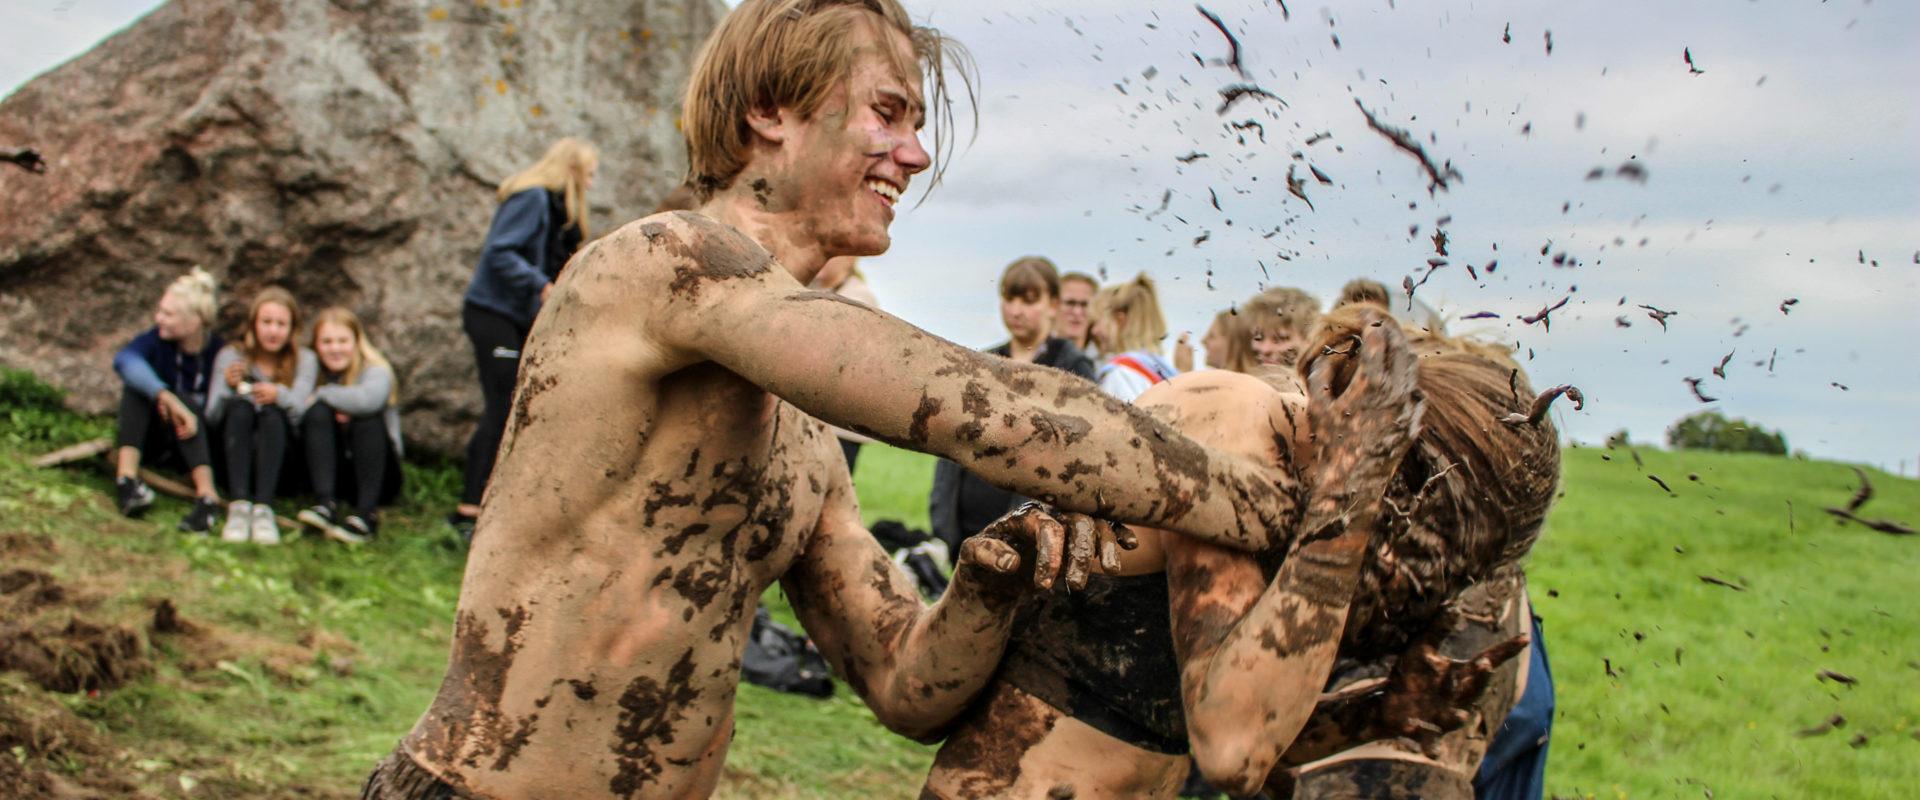 Mudderkamp på efterskole